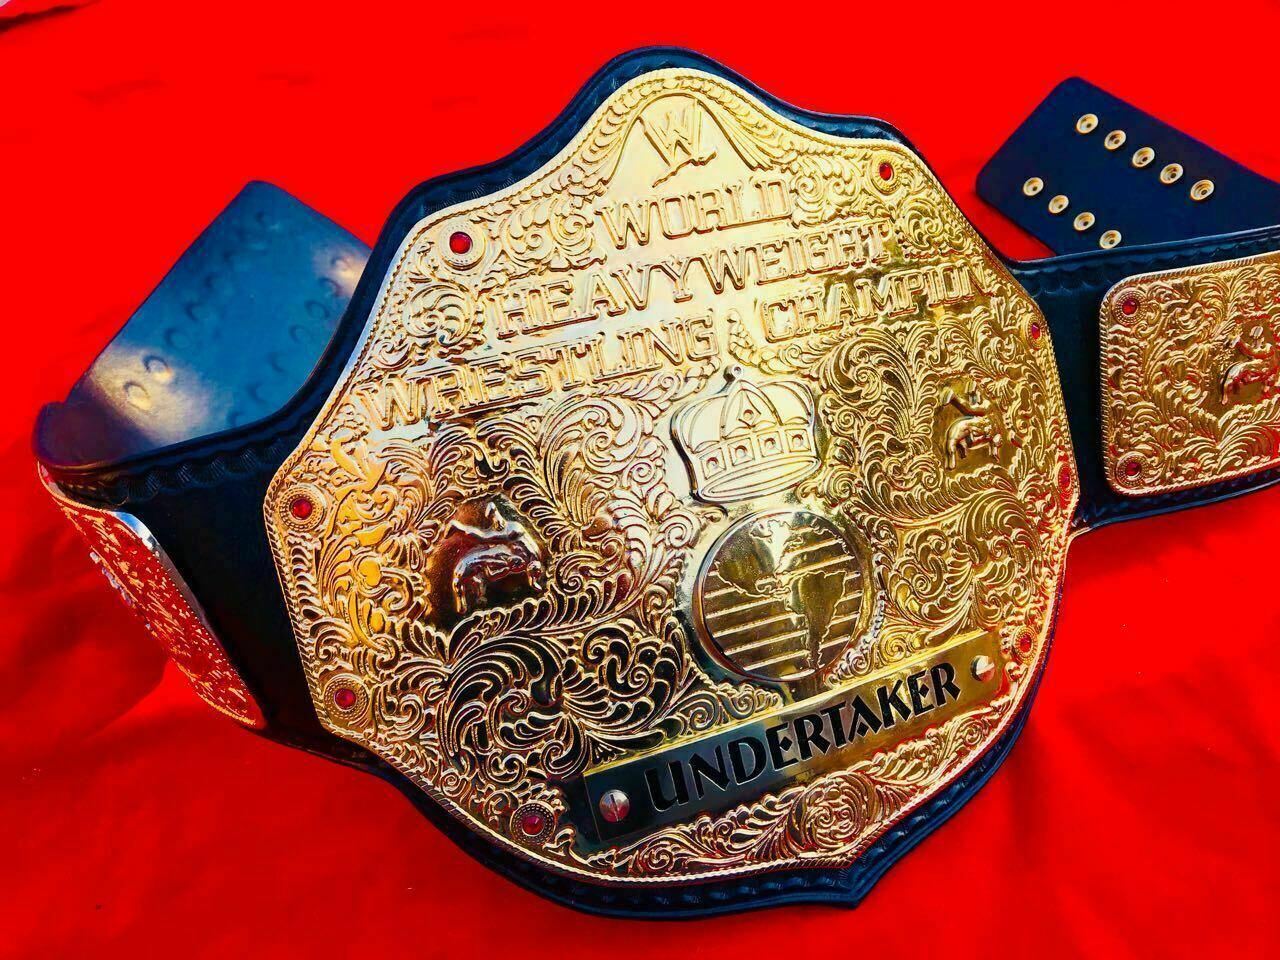 WWE Big Gold World Heavyweight Championship Belt - $325